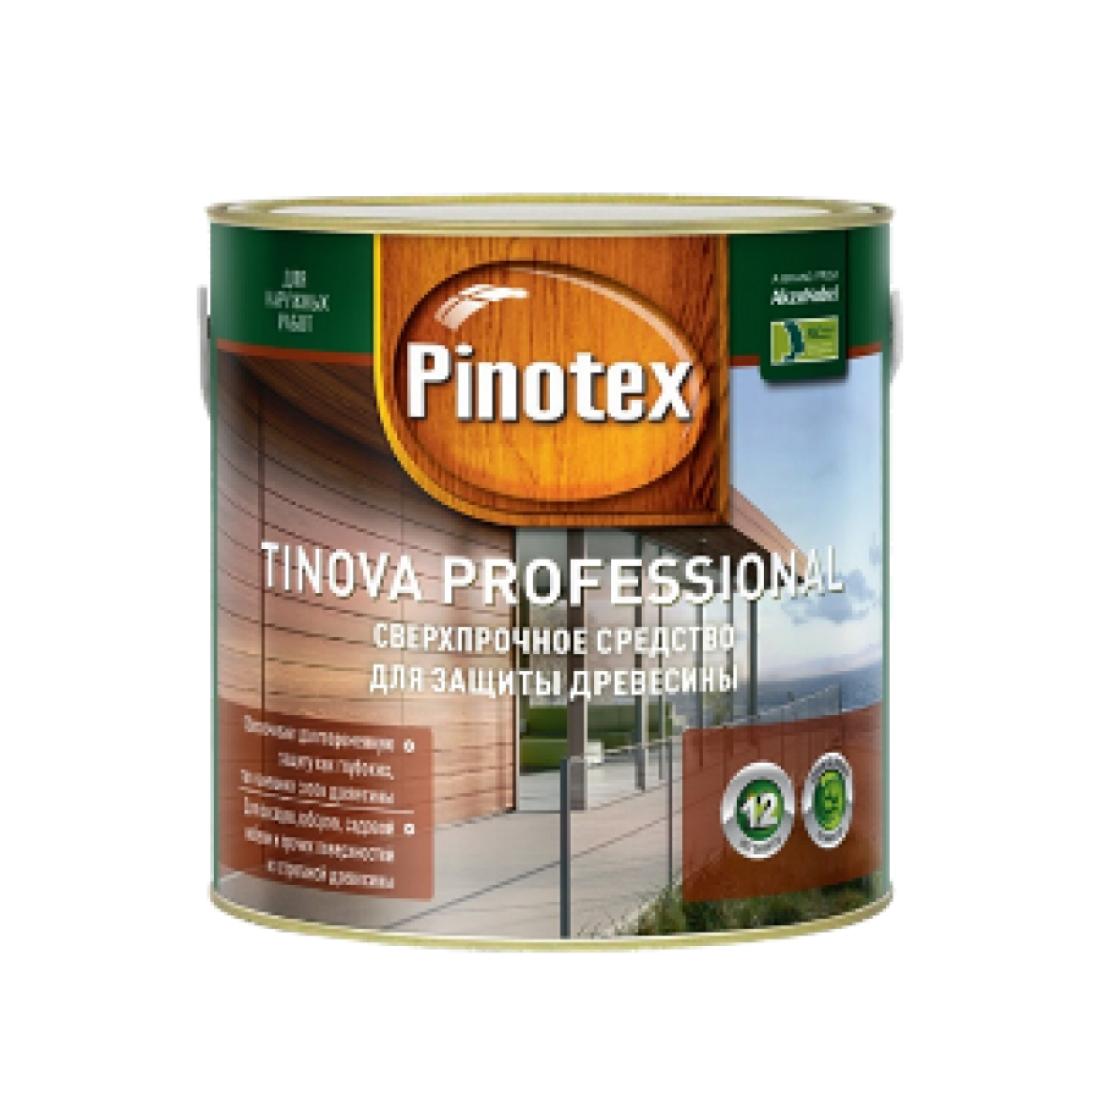 PINOTEX TINOVA цветной антисептик для профессиональной защиты, гарантия 12 лет! (0,75 л) Тик